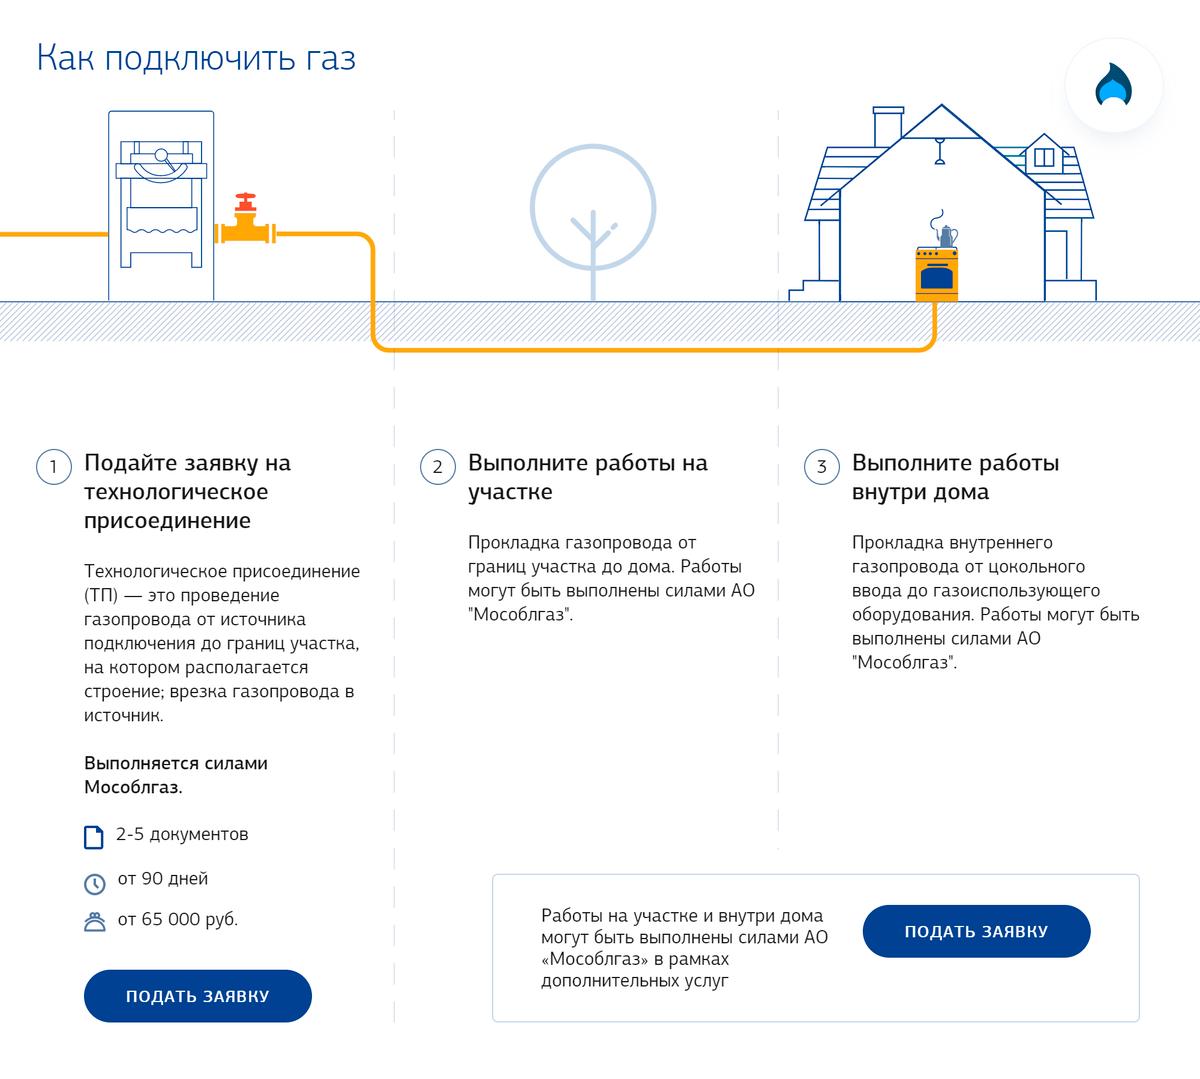 Схема этапов подключения. Источник: mosoblgaz.ru